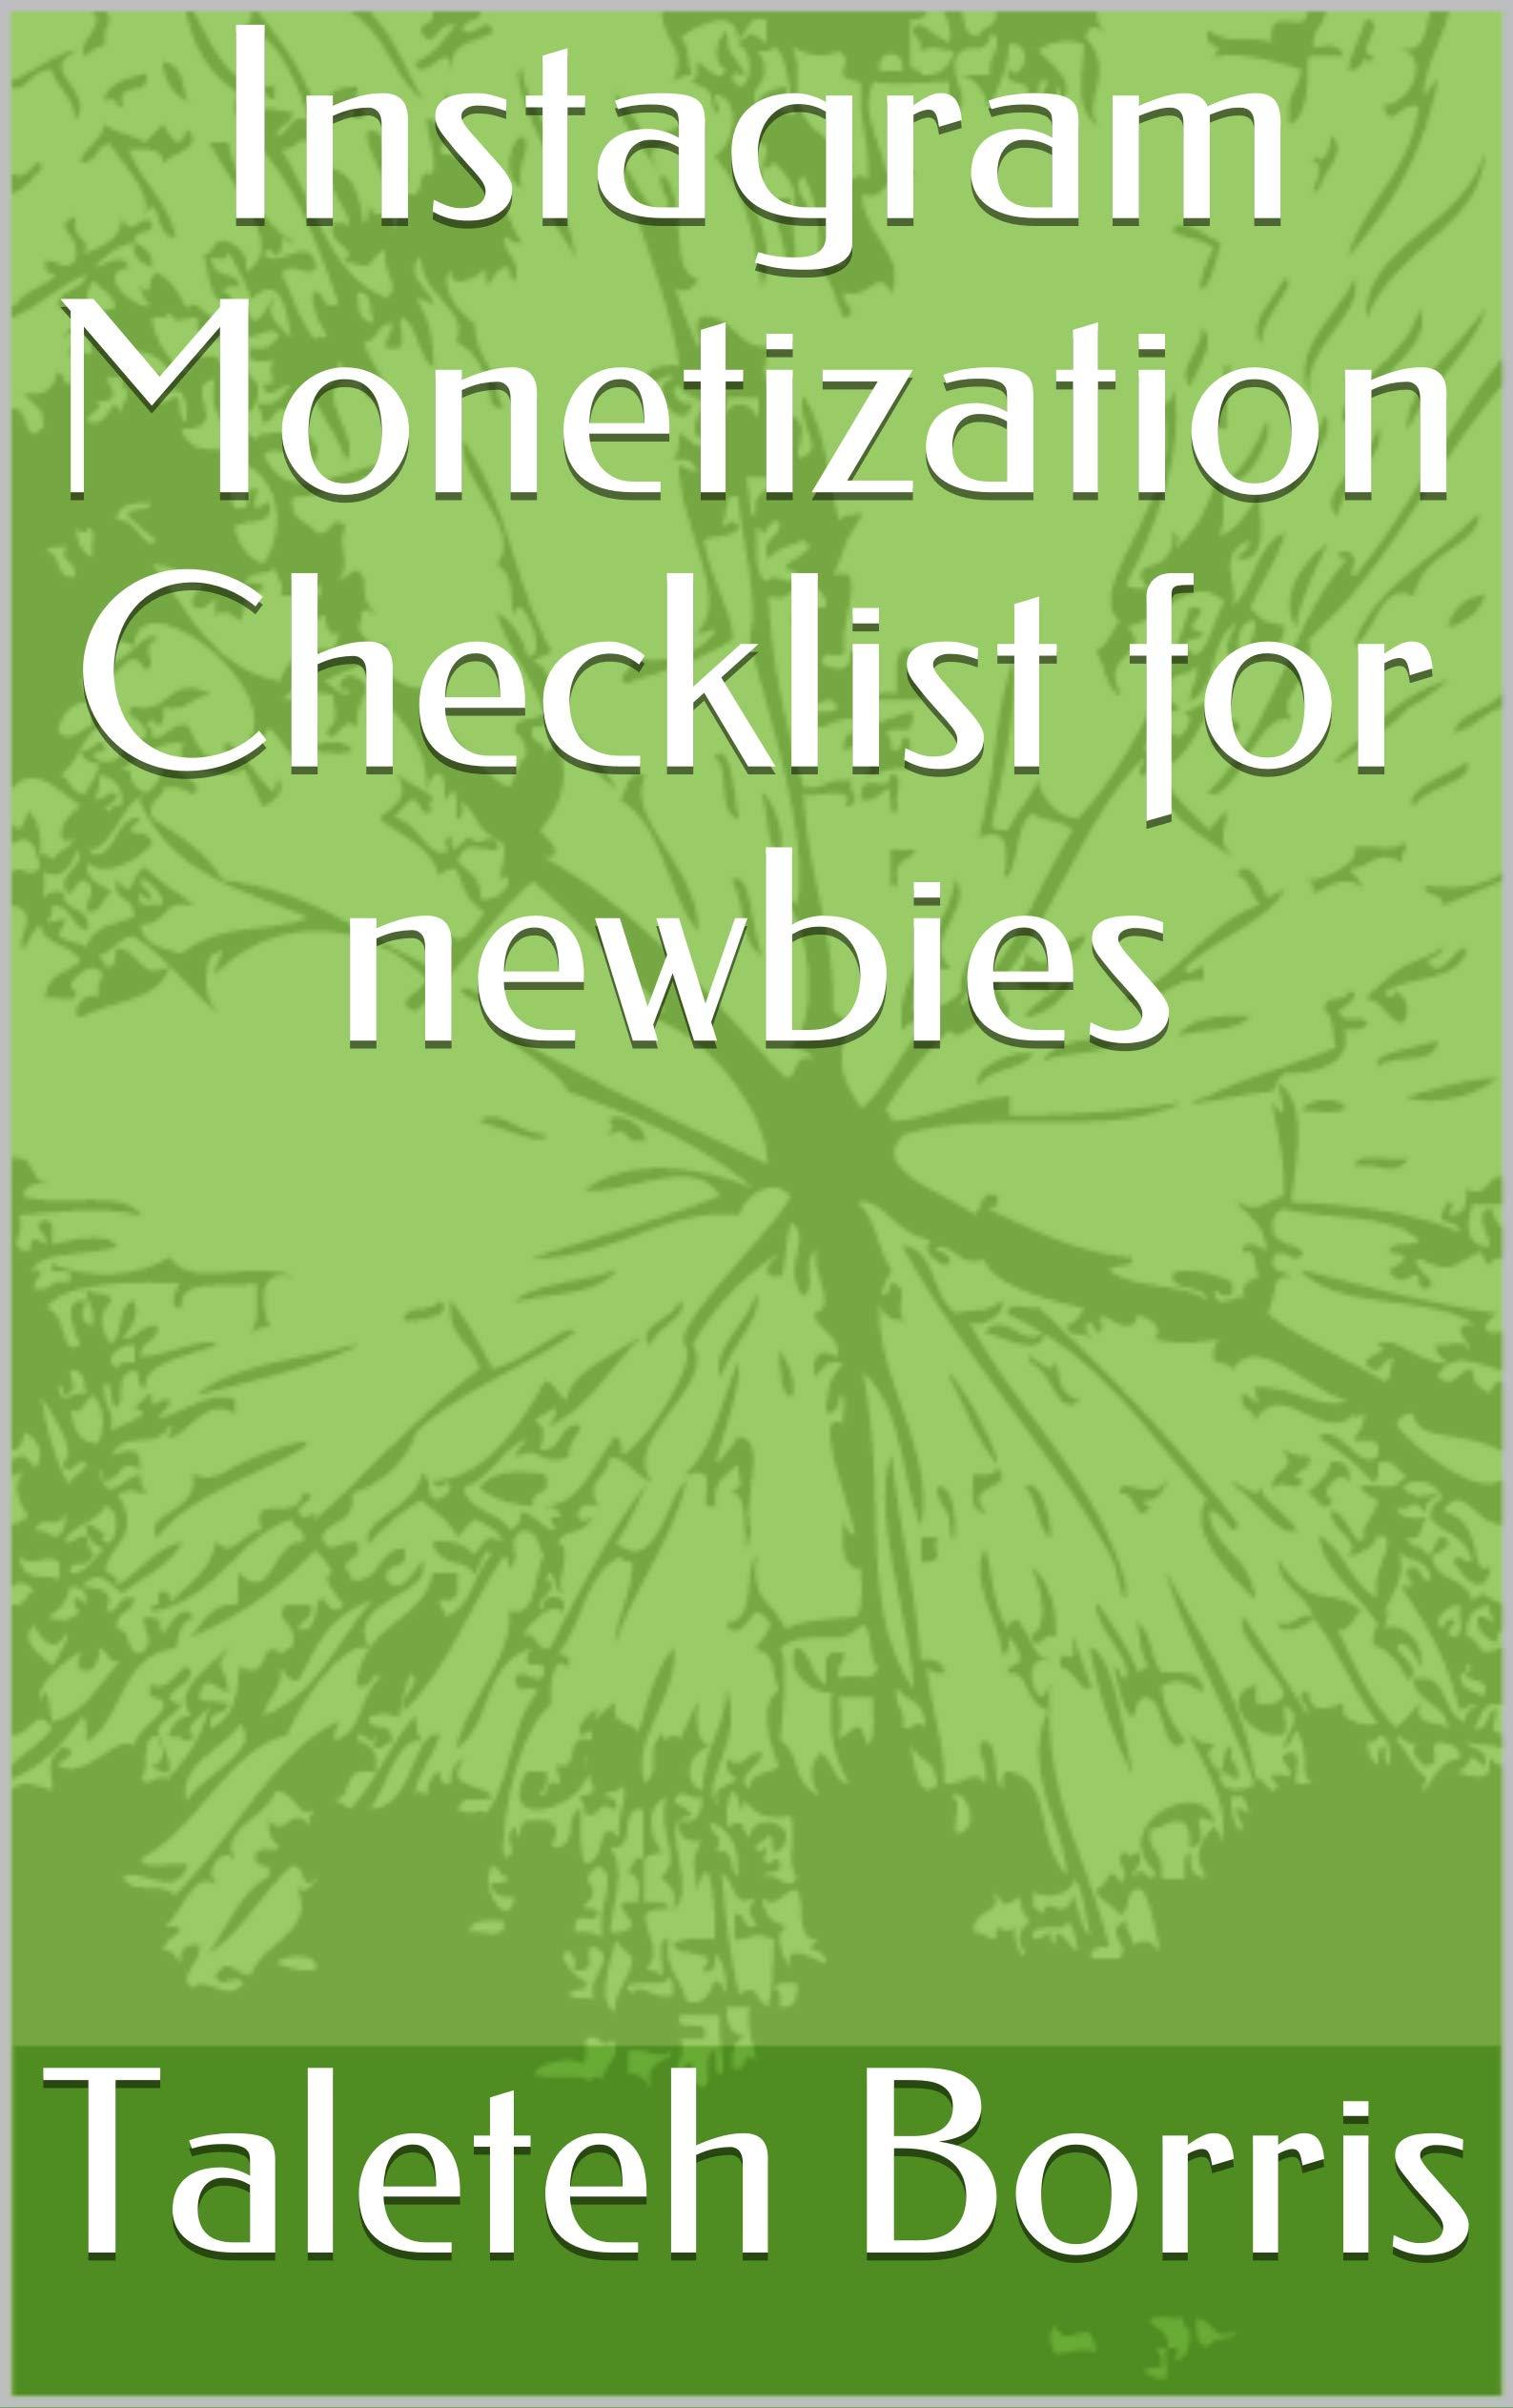 Instagram Monetization Checklist for newbies